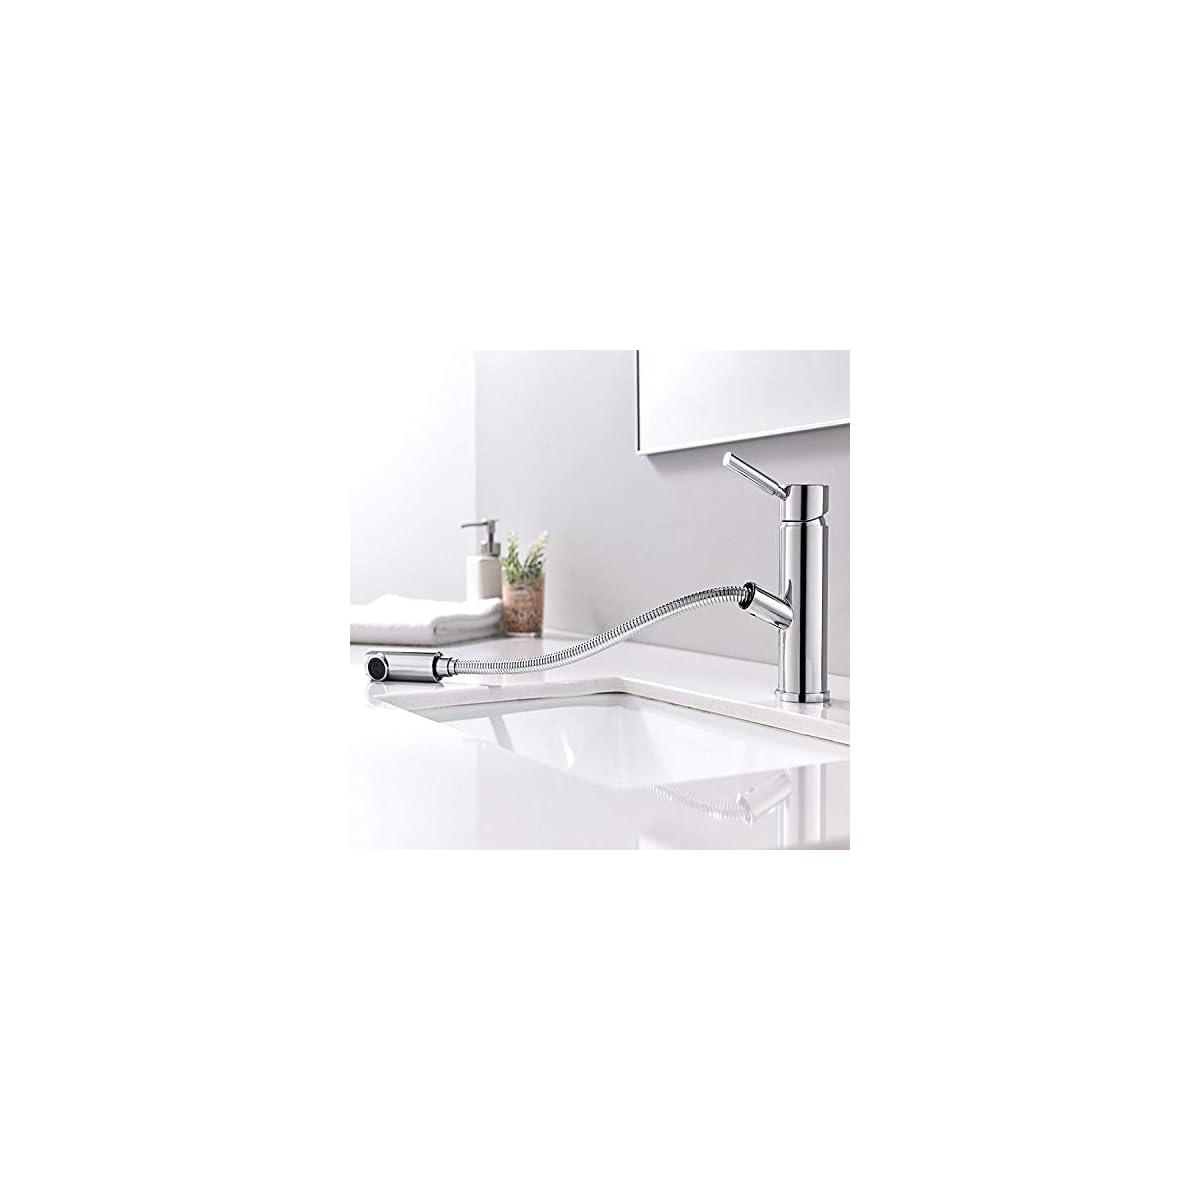 41vLAoGUu5L. SS1200  - HOMFA Grifo Lacabo Extraible con Cabezal de Ducha Agua Suave Monomando de Lavabo de Baño Agua Caliente y Fría con Tubo de Extensión de 1.5m